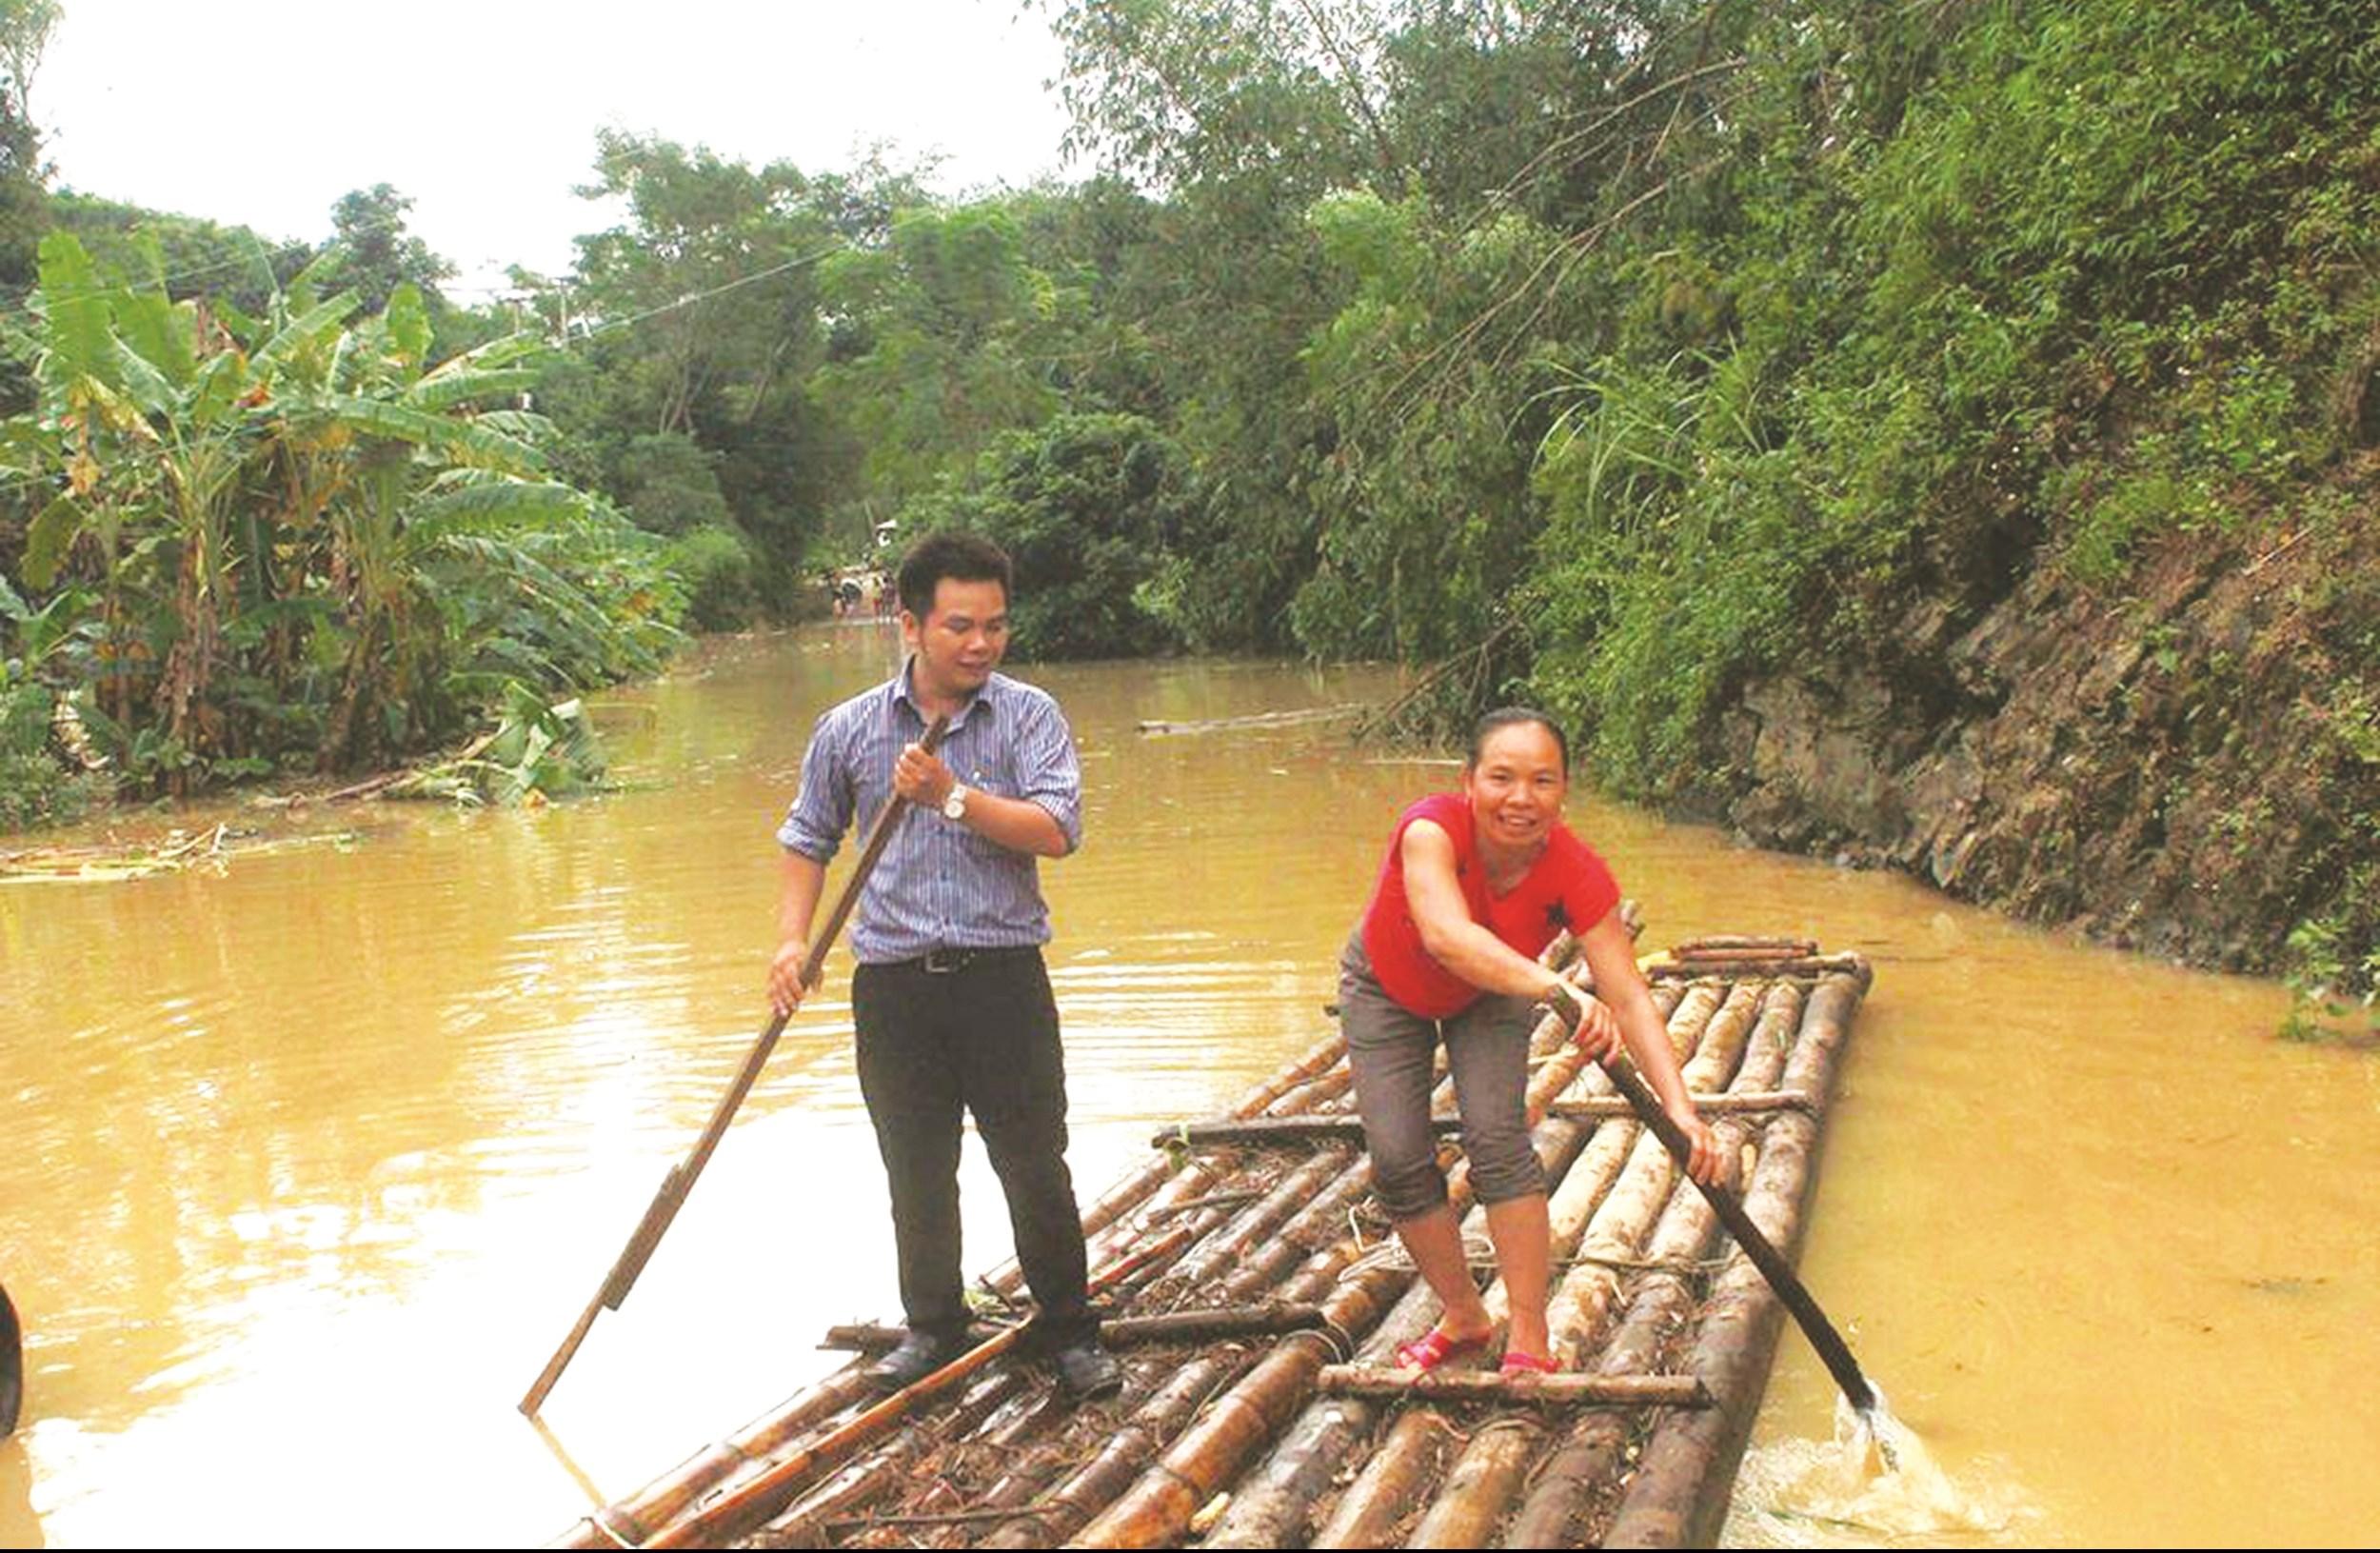 Phóng viên Báo Dân tộc và Phát triển (bìa trái) trên đường vào xã Quốc Việt, huyện Tràng Định, tỉnh Lạng Sơn tác nghiệp.